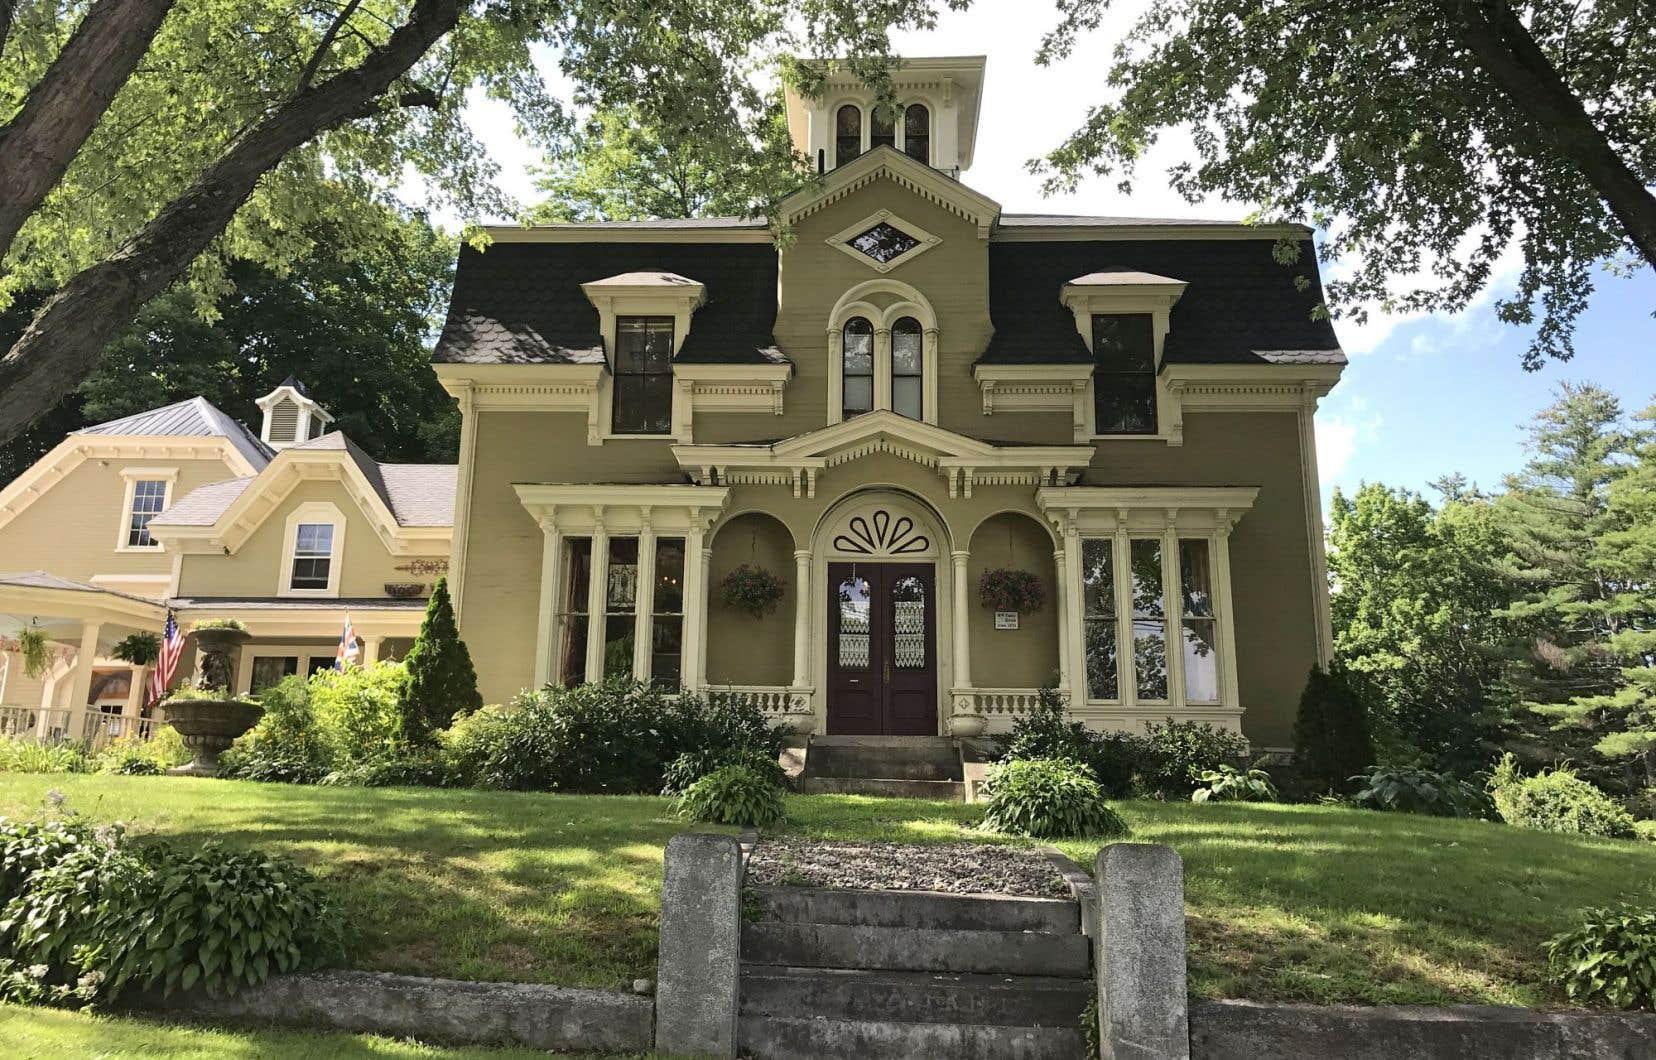 Cette demeure d'antiquaire de Bridgton pourrait avoir servi d'inspiration à la maison hantée décrite dans «Jerusalem's Lot», et à la Marsten House, dans «Salem's Lot».